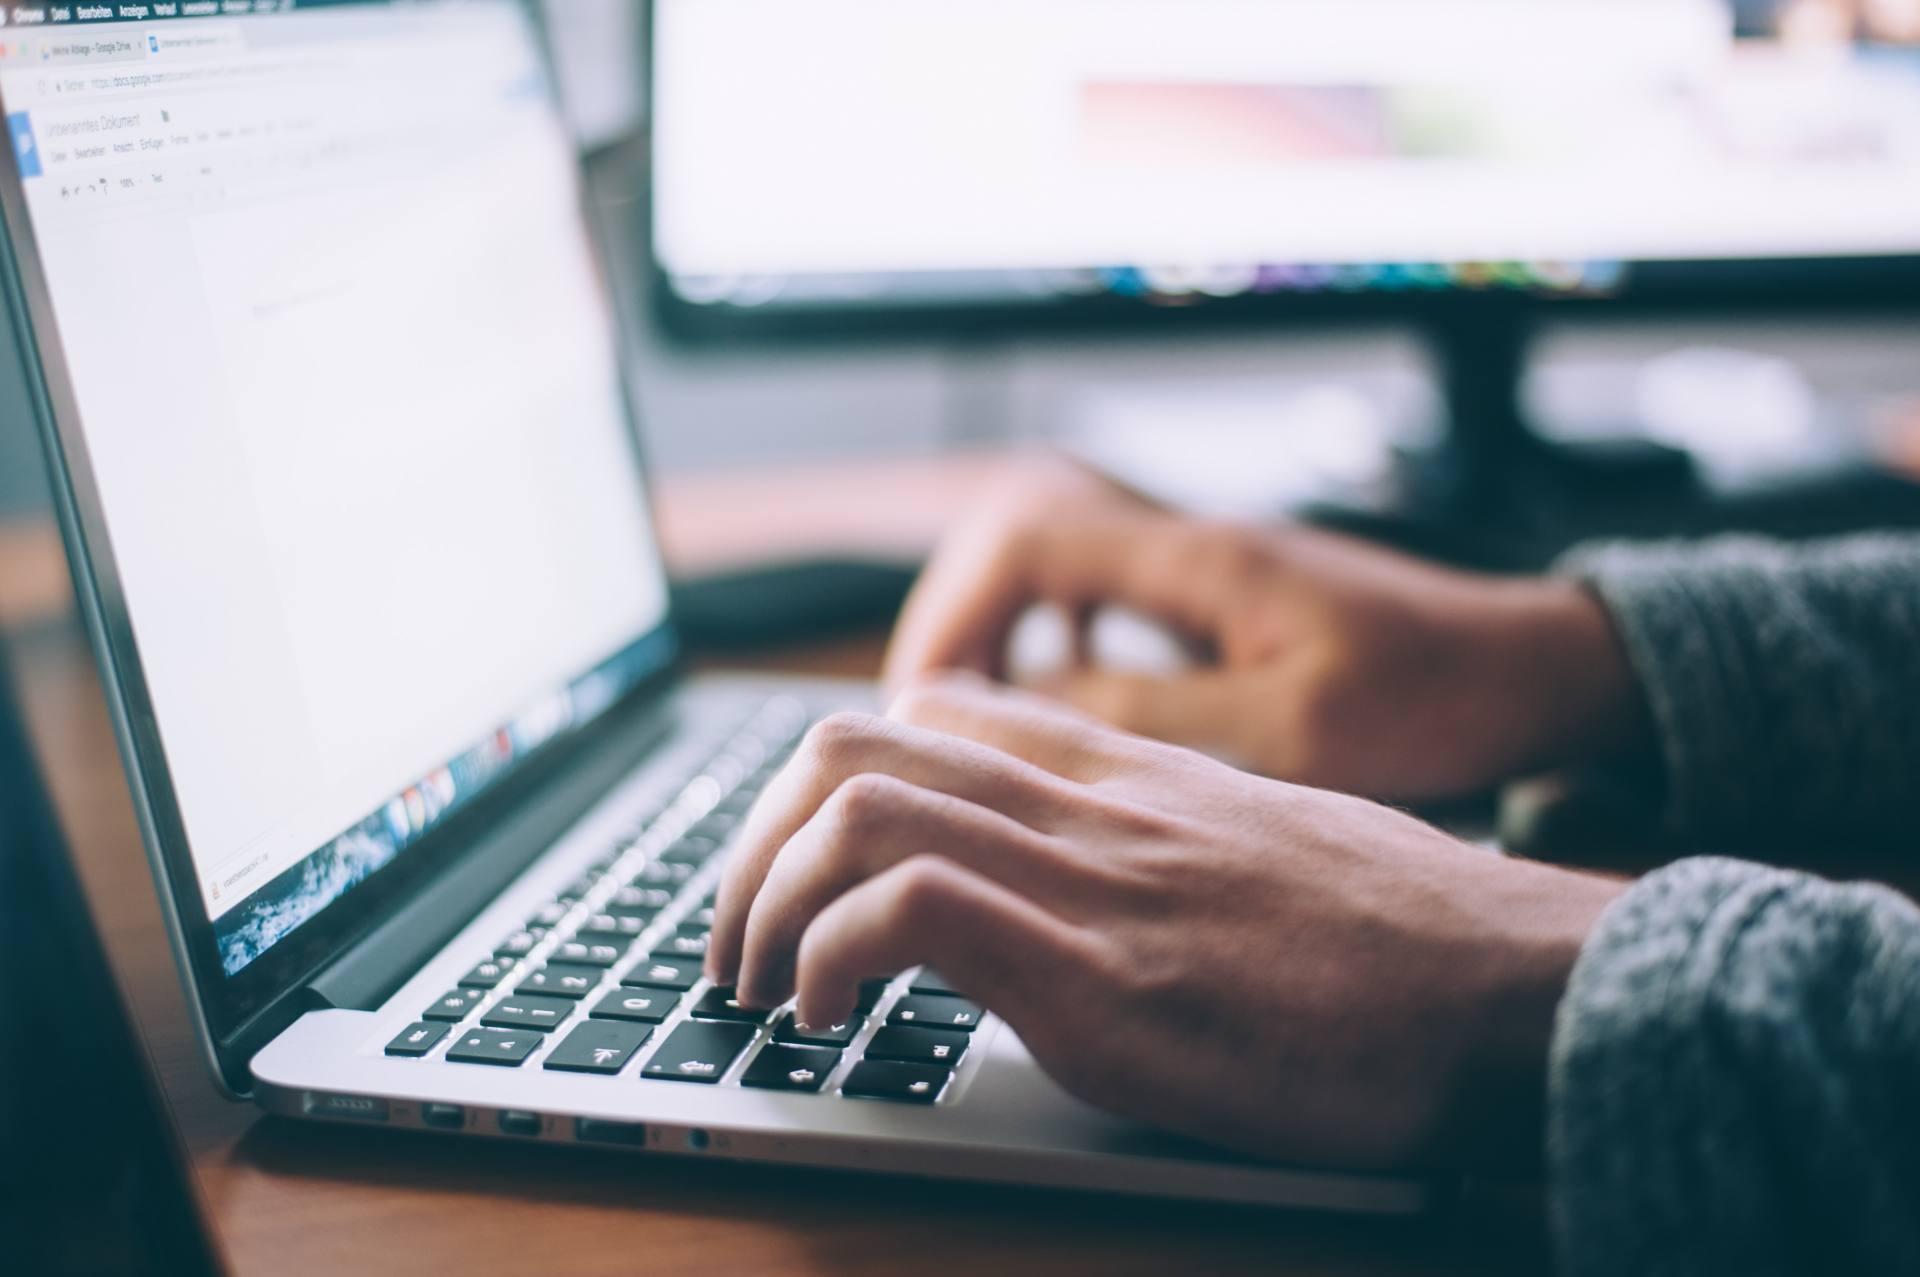 Les meilleurs logiciels de traitement de texte en 2019